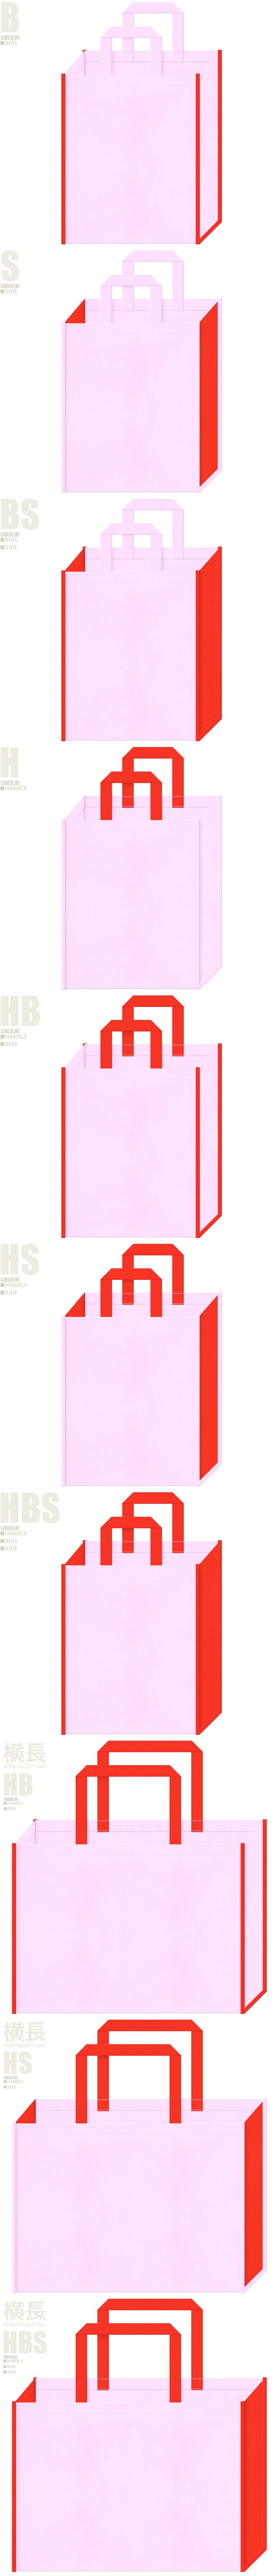 不織布バッグのデザイン:パステルピンク色とオレンジ色の配色7パターン。